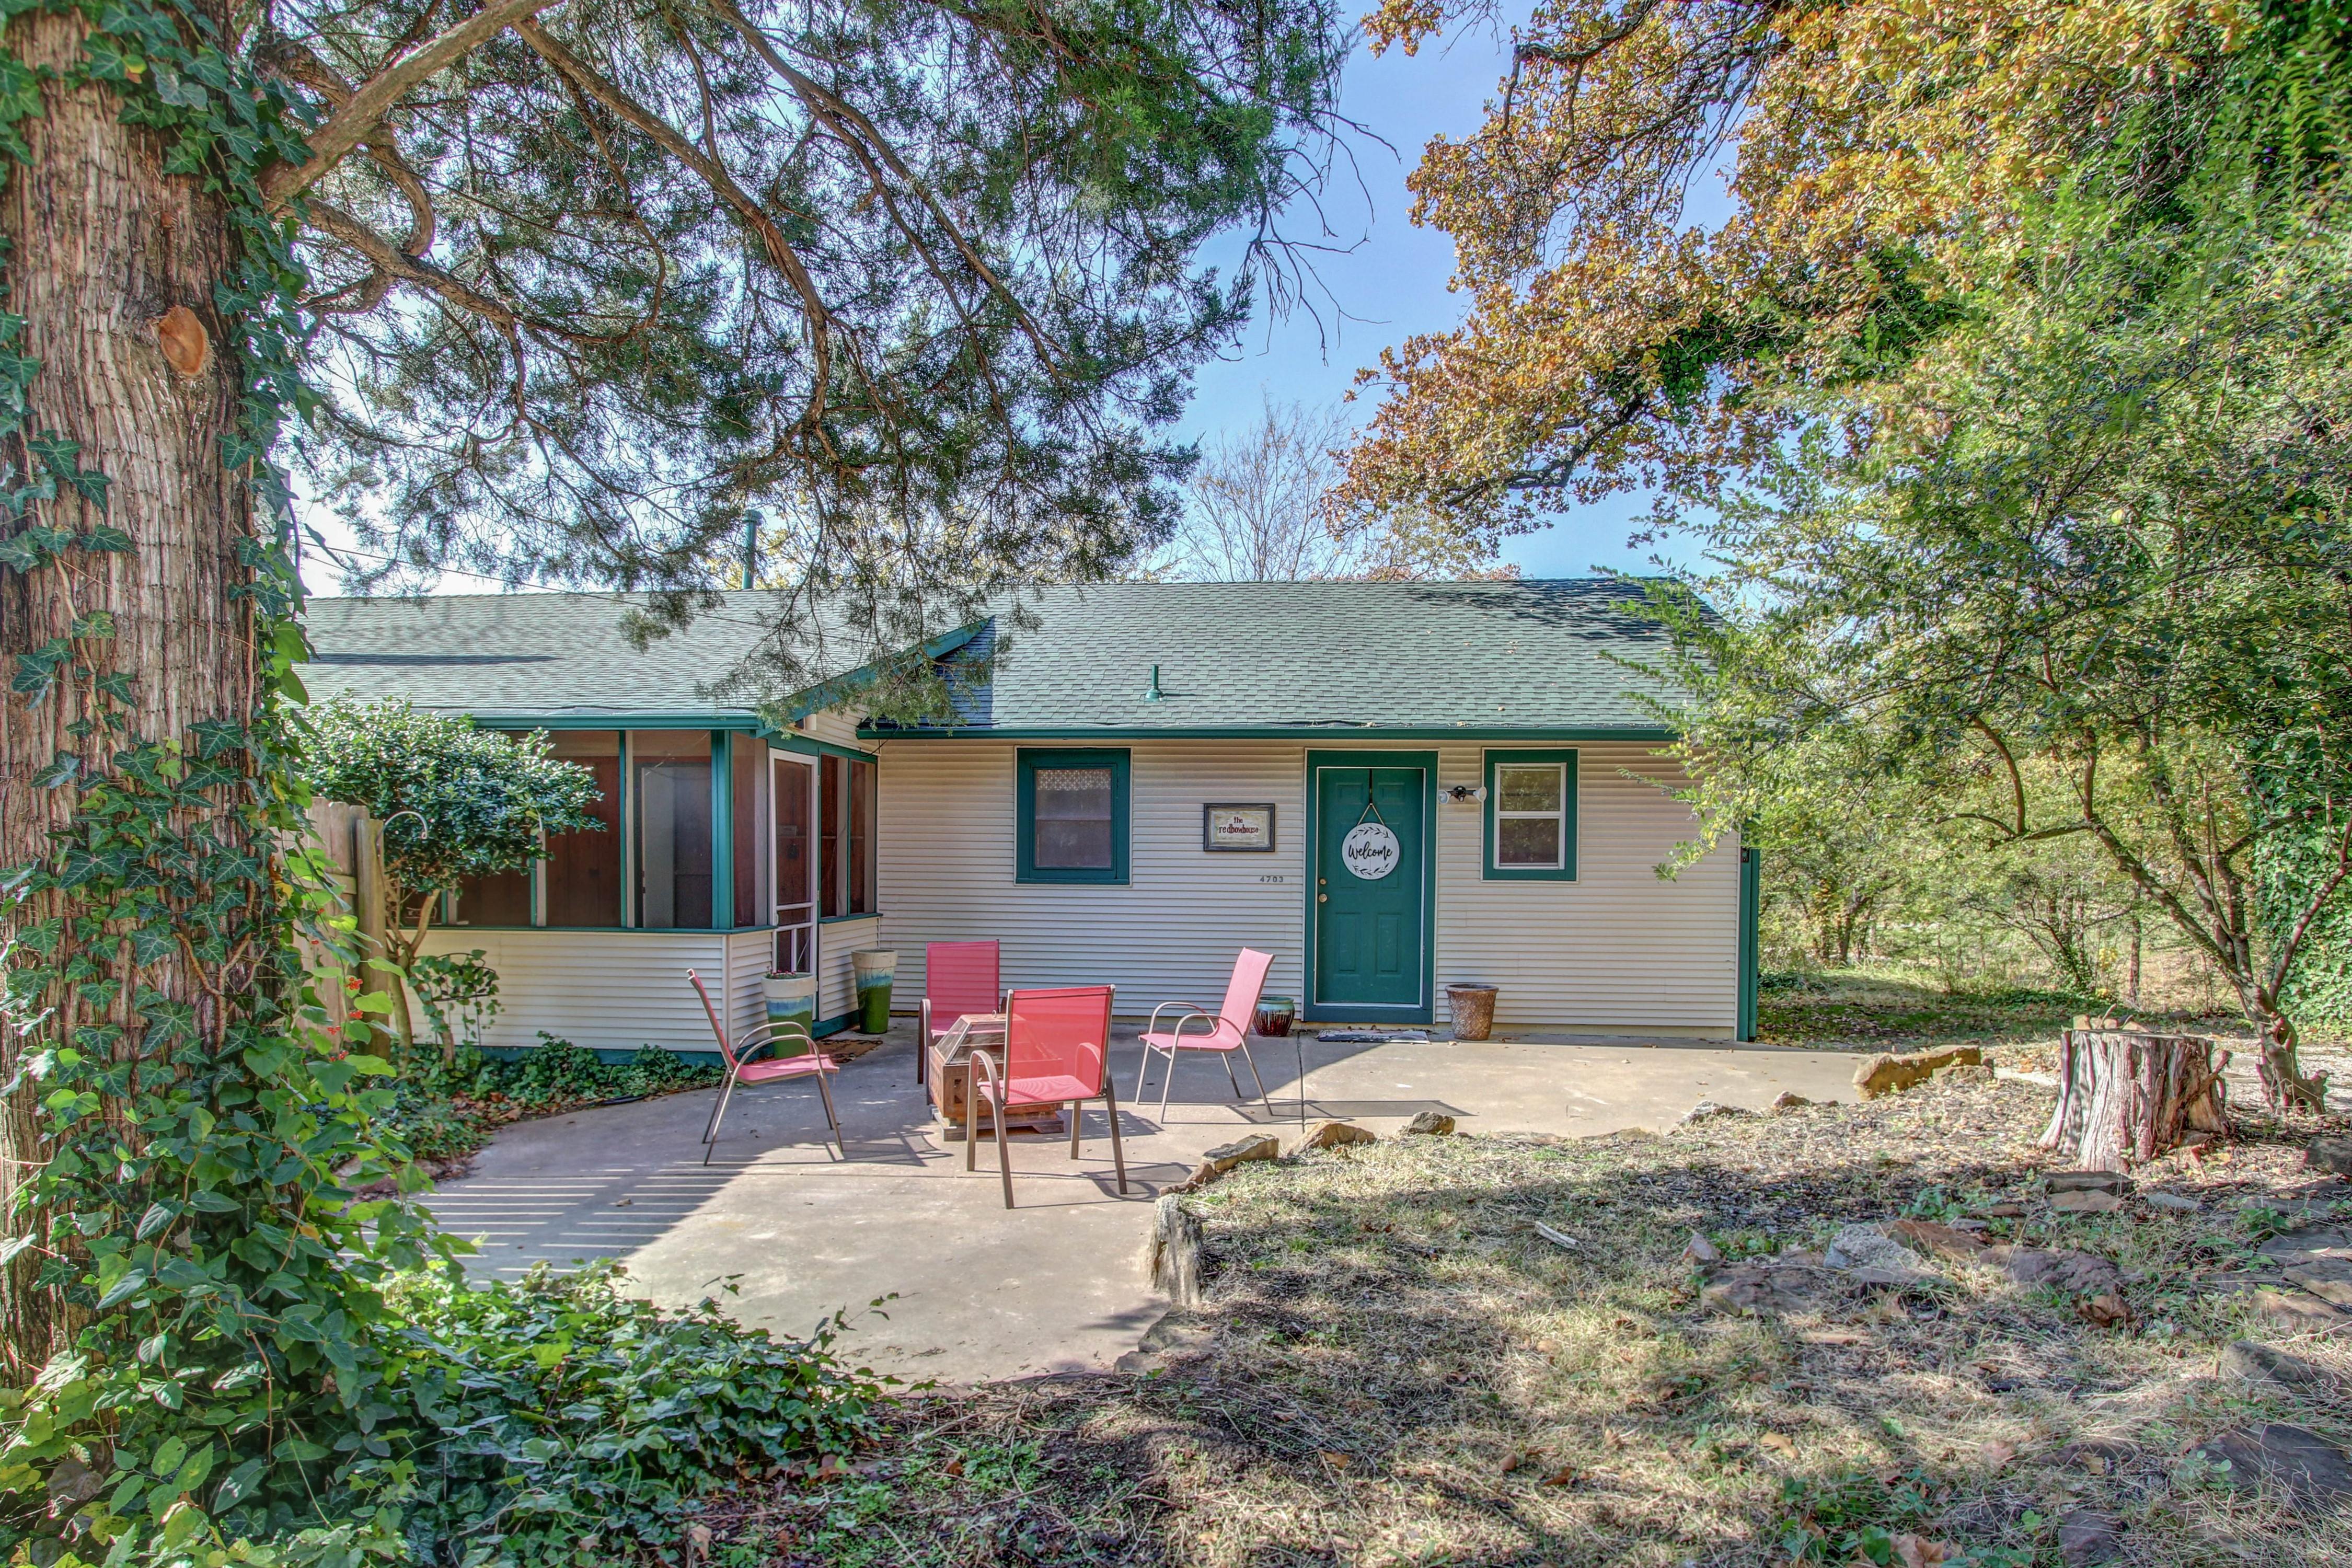 4703 W 41st Street Property Photo 1